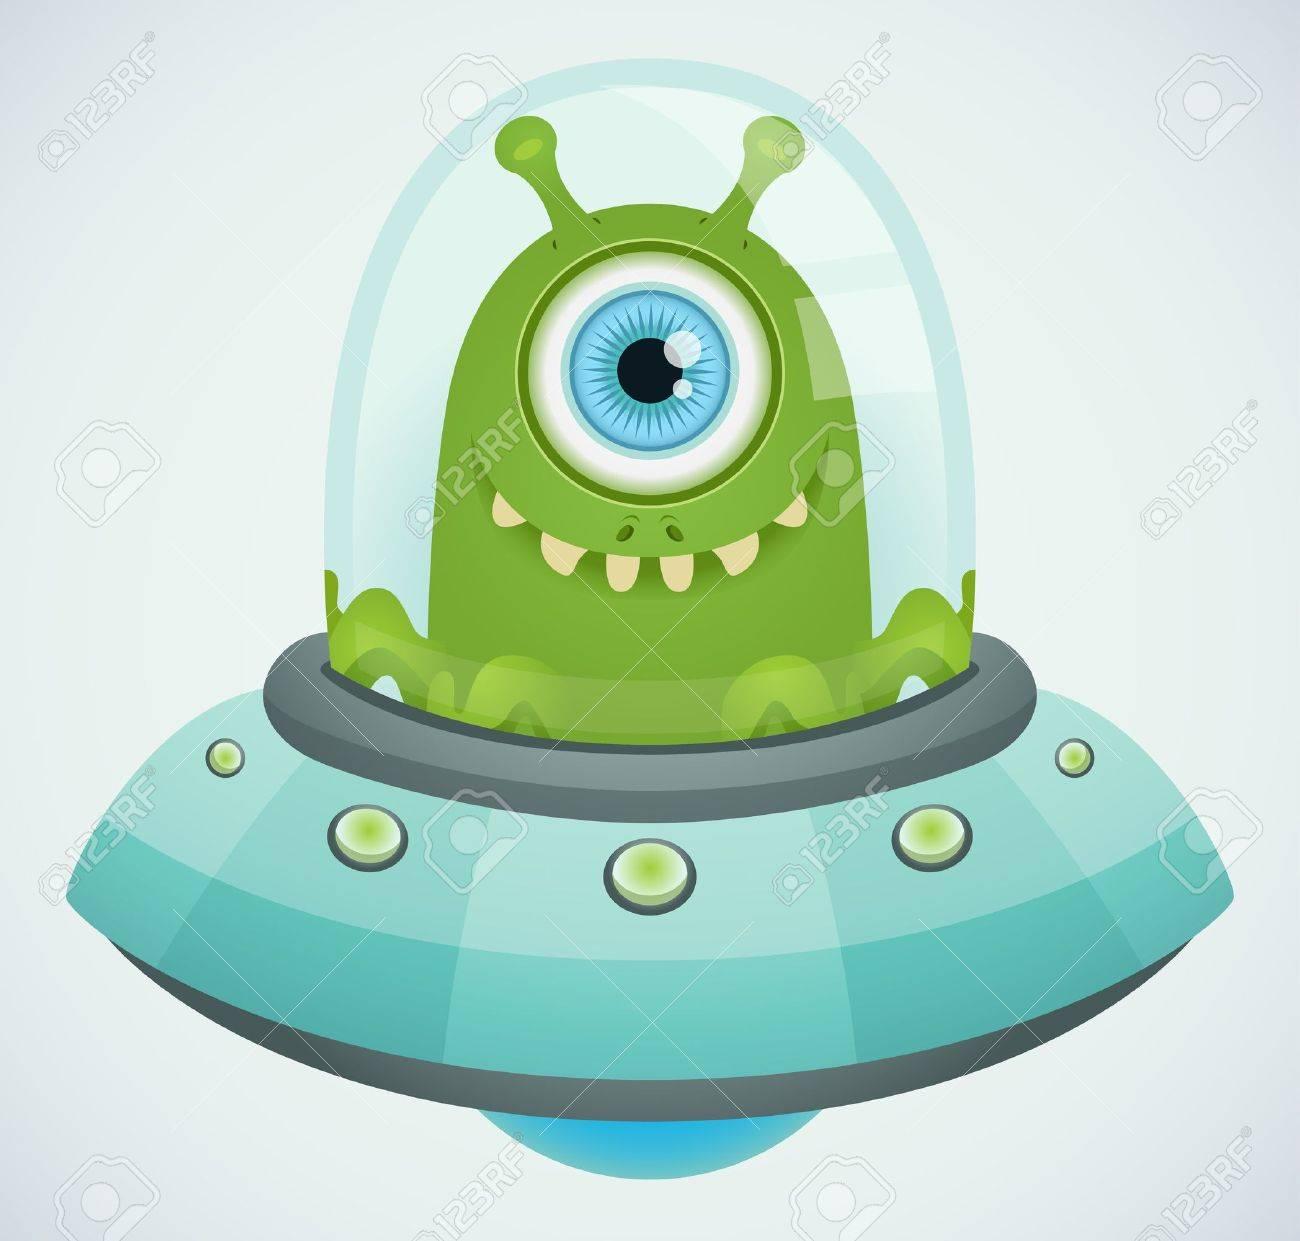 Ufo. Alien. - 12227477